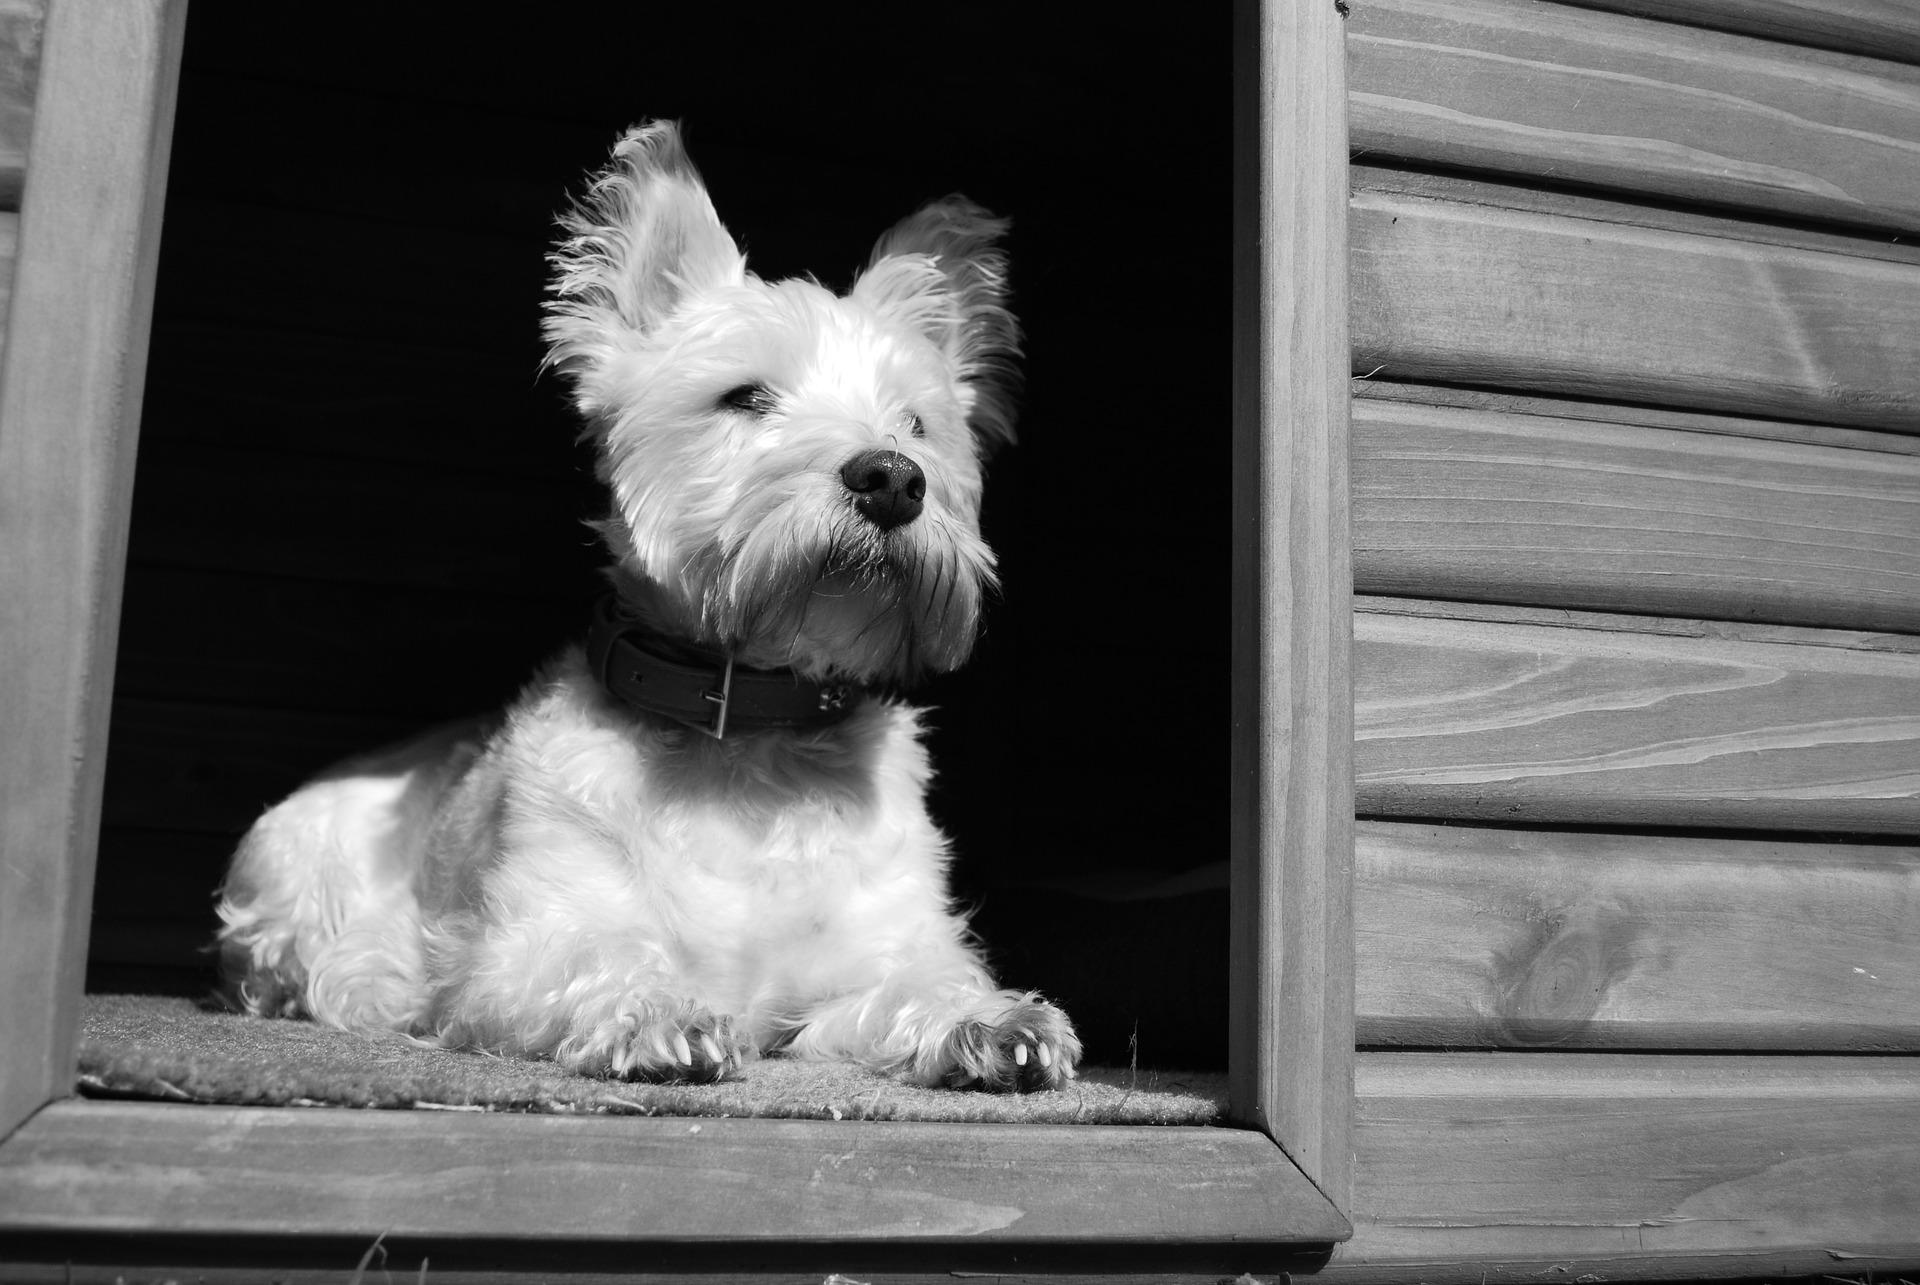 Gdy pies ma pilnować domu na zewnątrz, trzeba zapewnić mu suche i ciepłe schronienie. Wymiary budy muszą być dopasowane do wielkości zwierzęcia, tak aby mógł on swobodnie się w niej poruszać i obracać.